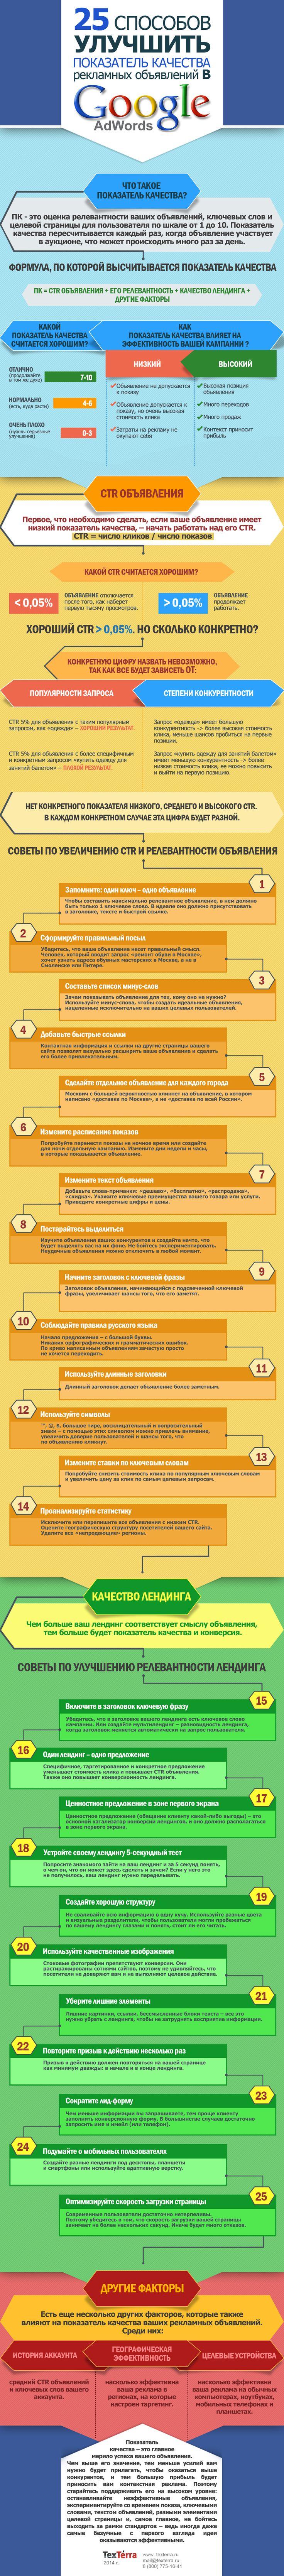 Инфографика: 25 способов улучшить показатель качества рекламных объявлений в Google Adwords